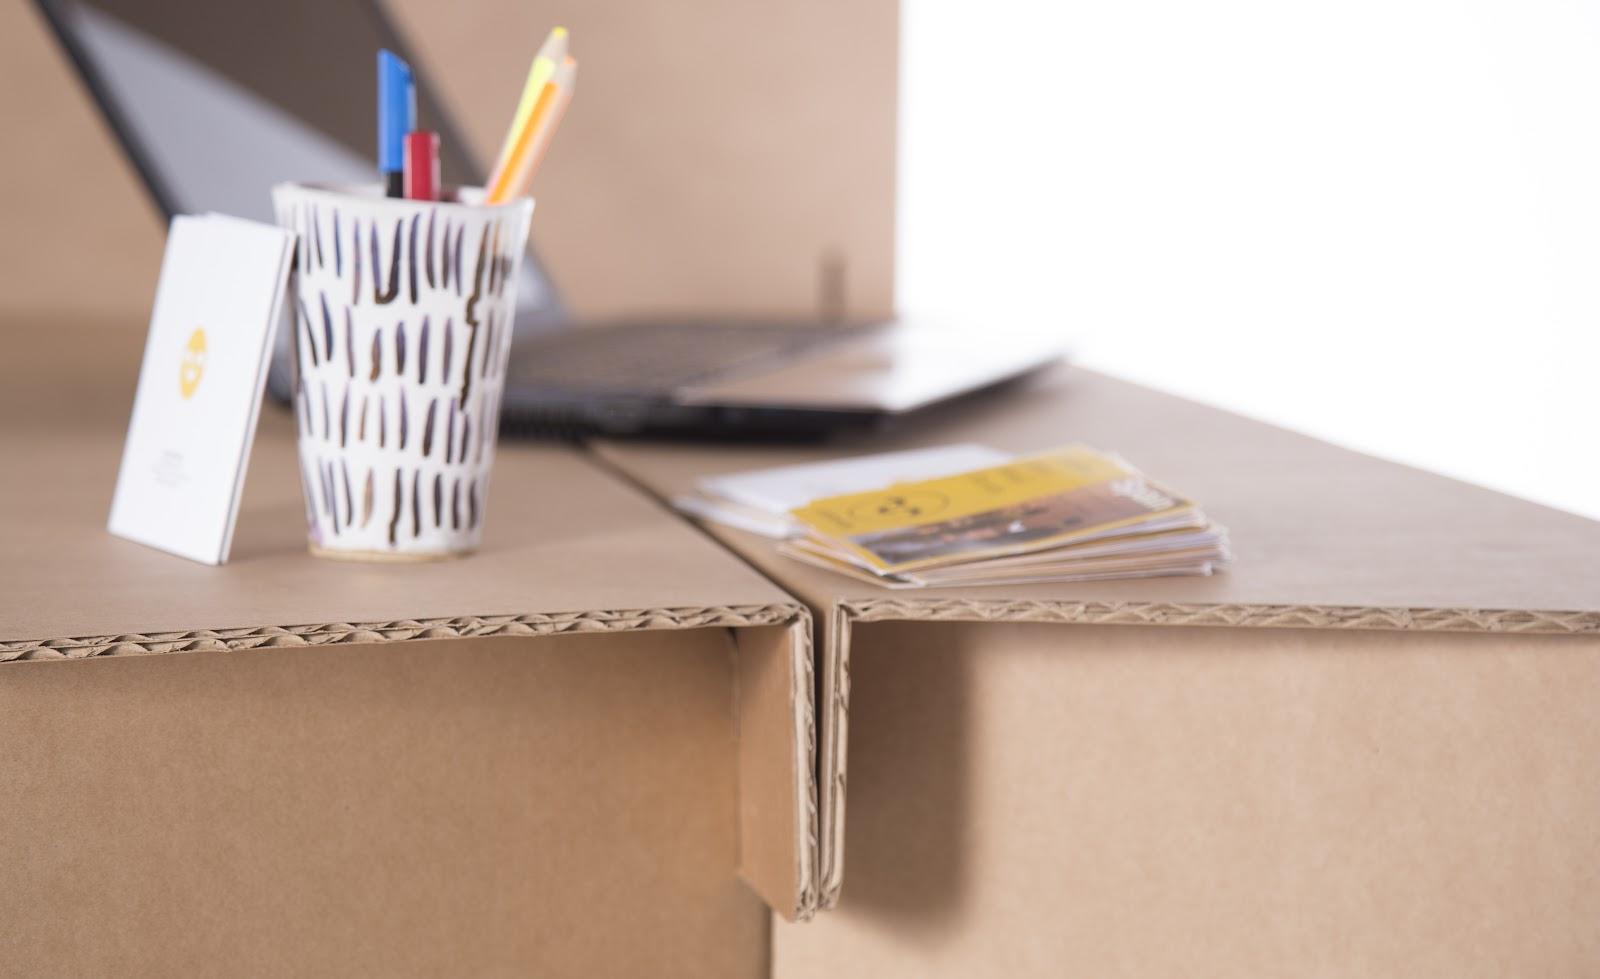 Detalle mostrador con un tipo de cartón ondulado.